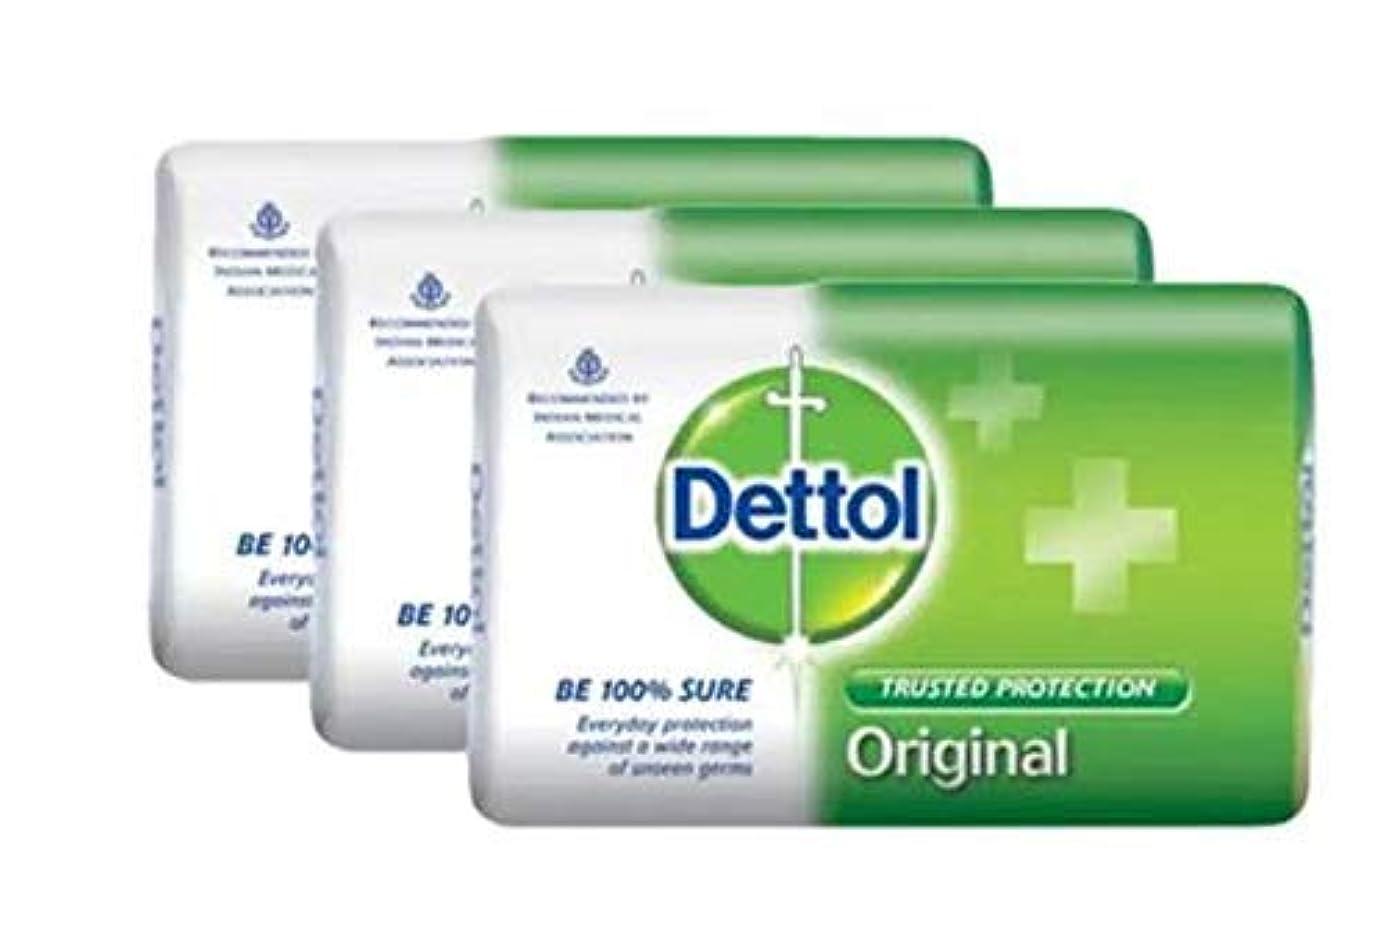 勃起乳便宜Dettol 固形石鹸オリジナル4x105g-は、信頼Dettol保護から目に見えない細菌の広い範囲を提供しています。これは、皮膚の衛生と清潔を浄化し、保護します